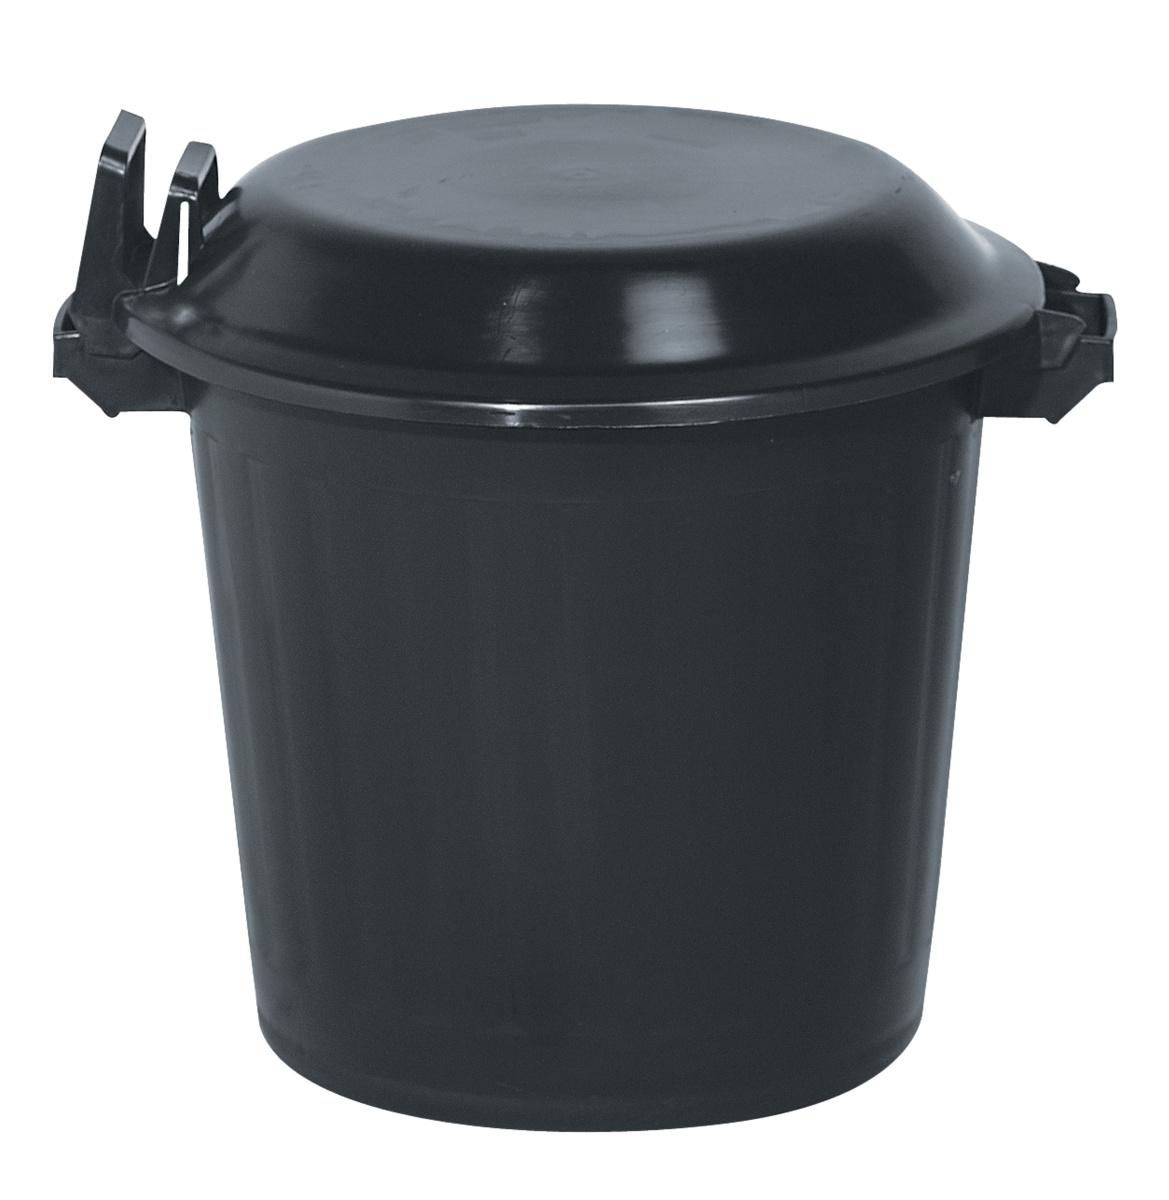 Couvercle de poubelle noir plastique Ø 55 cm